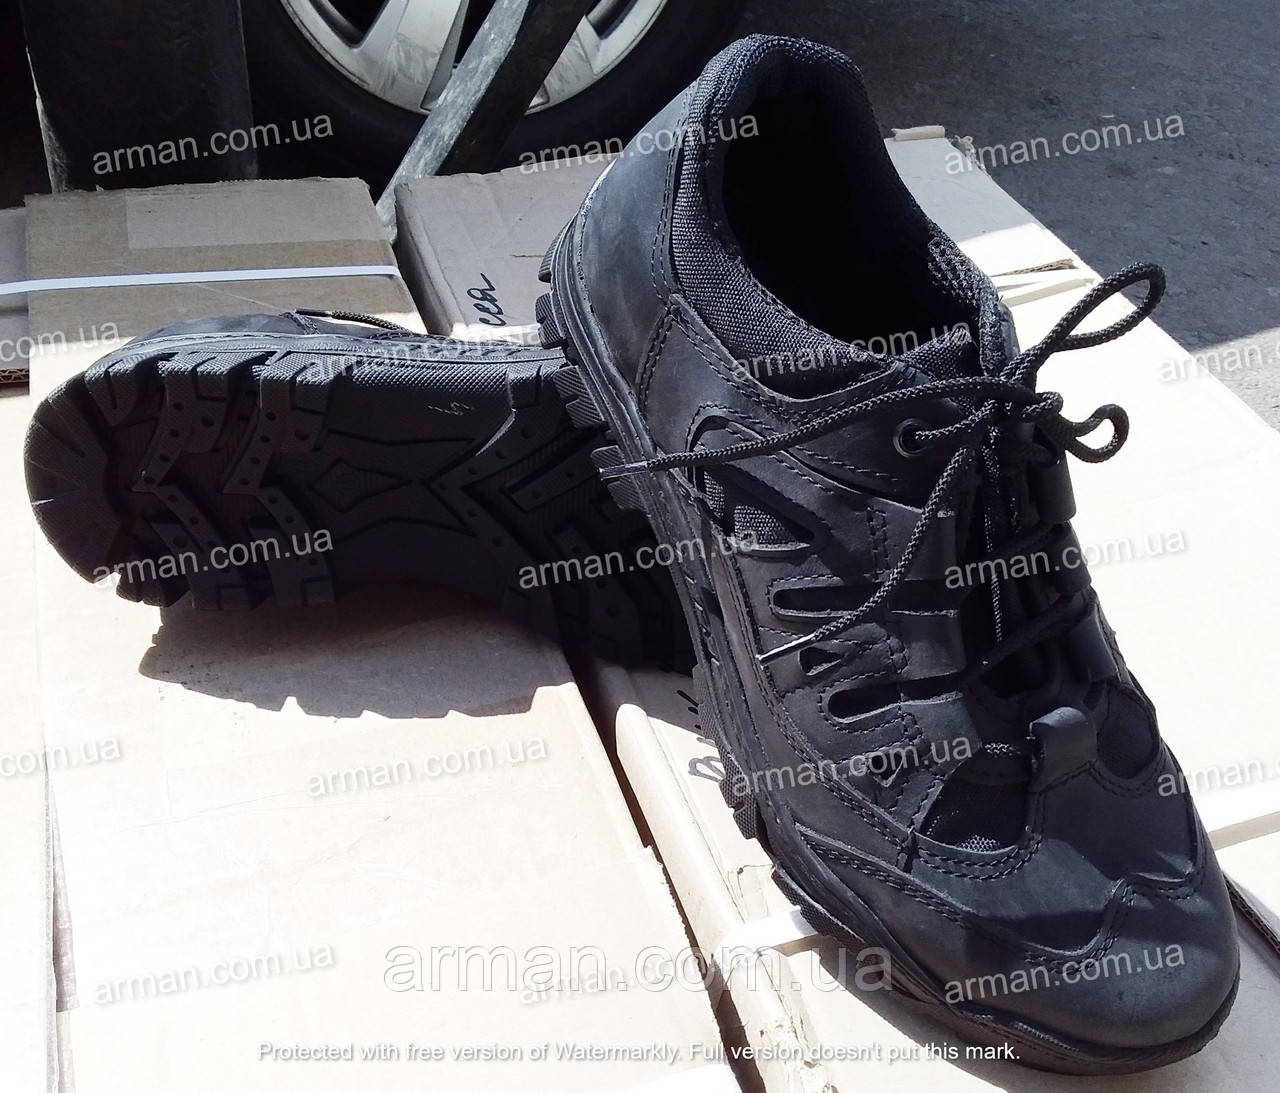 Качественные тактические кроссовки. Натуральная замша. Все размеры!!!